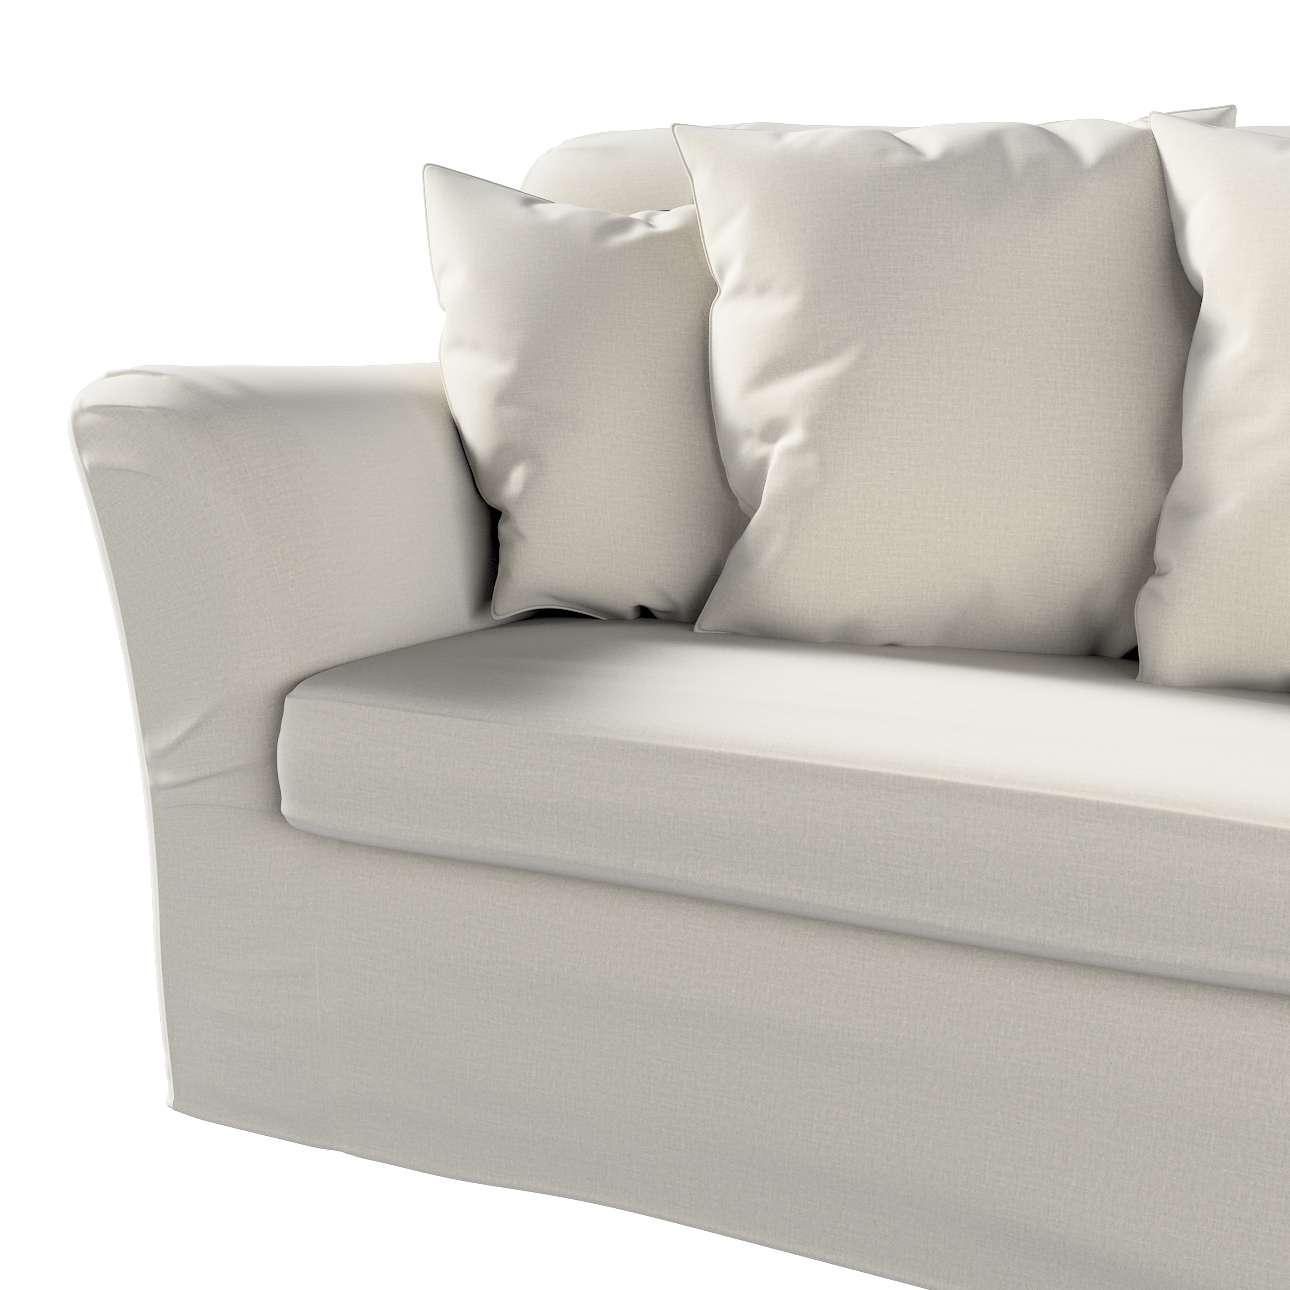 Pokrowiec na sofę Tomelilla 3-osobową rozkładaną w kolekcji Ingrid, tkanina: 705-40